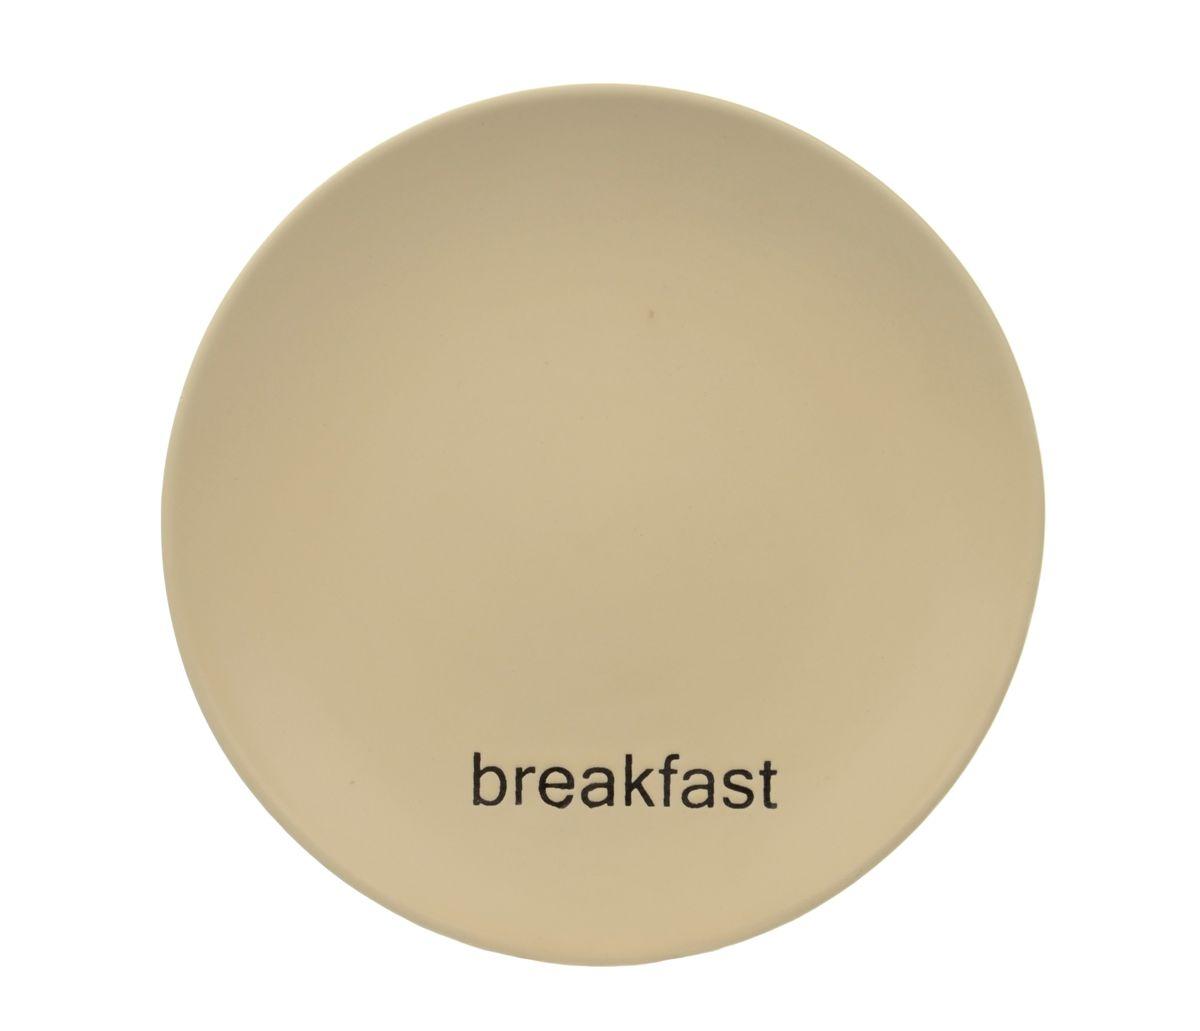 Тарелка Wing Star Breakfast, диаметр 18 смLJ2085-MPB3Тарелка Wing Star Breakfast изготовлена из высококачественной керамики. Предназначена для красивой подачи завтраков. Изделие украшено надписью Breakfast. Такая тарелка украсит сервировку стола и подчеркнет прекрасный вкус хозяйки.Можно мыть в посудомоечной машине и использовать в микроволновой печи. Диаметр: 18 см.Высота: 2 см.